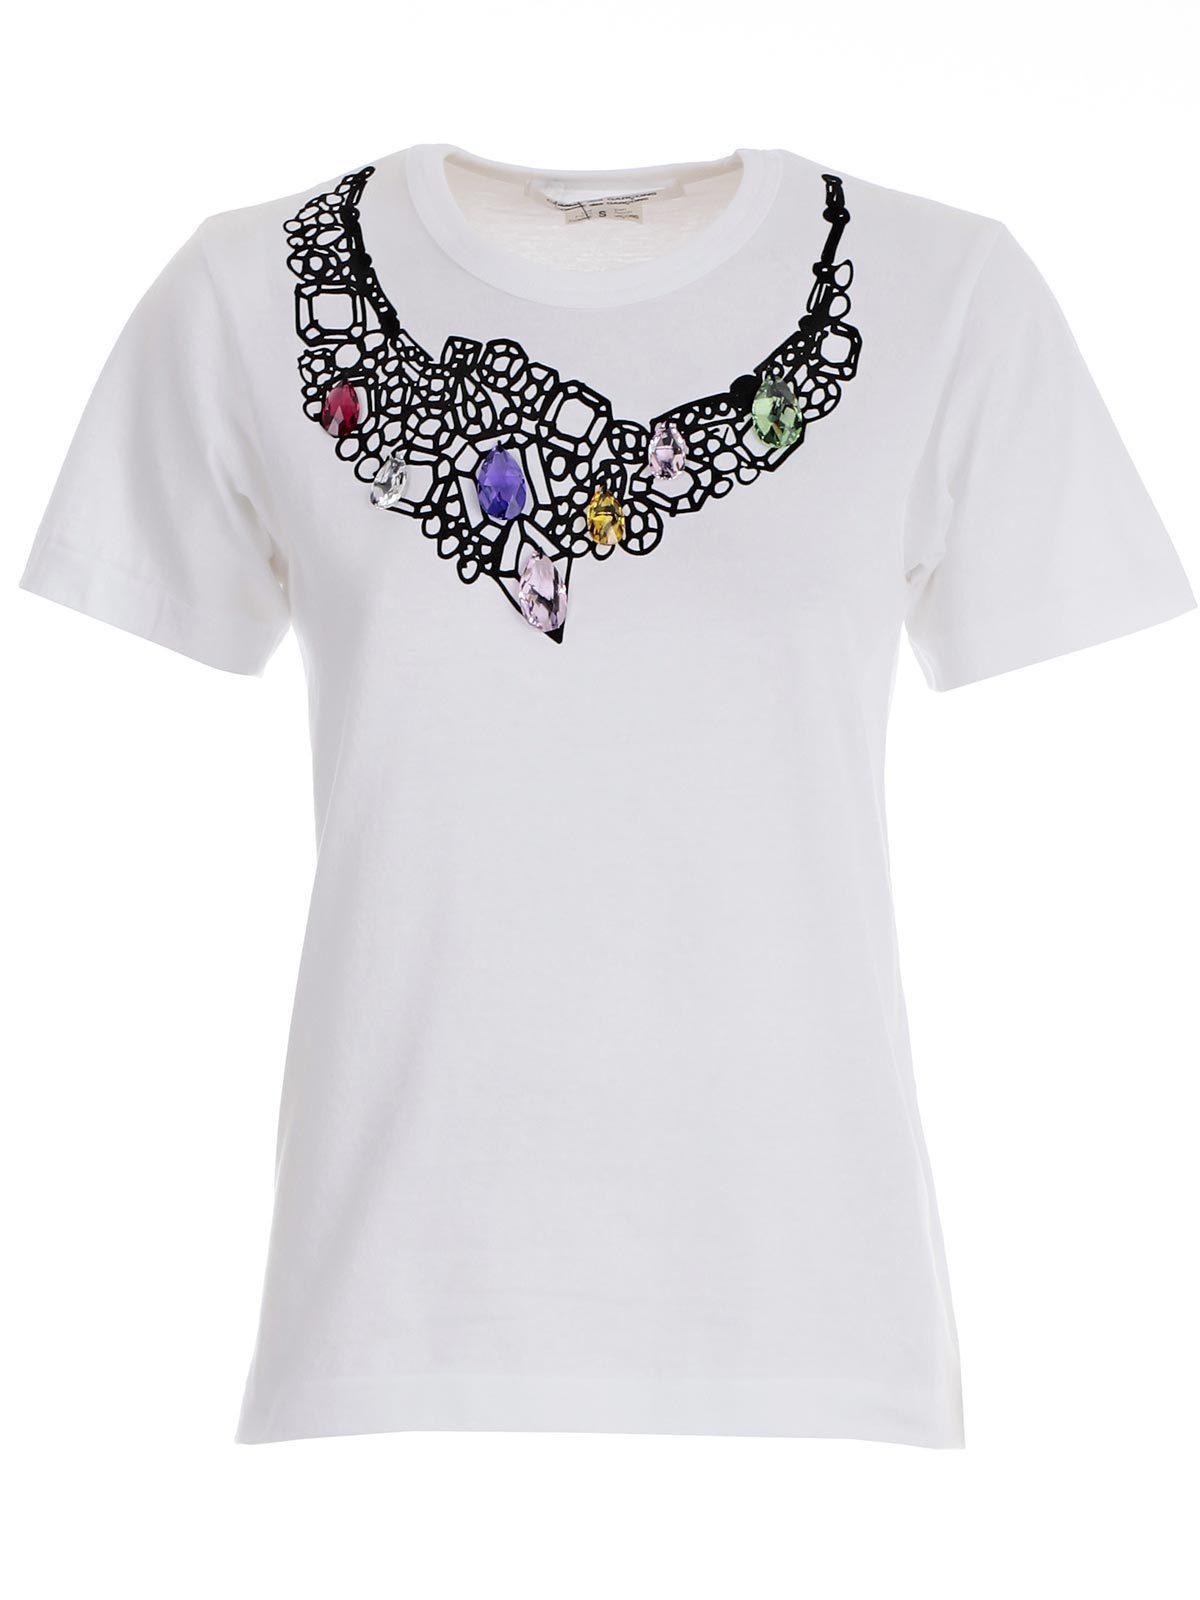 c8b275624032 comme-des-garcons-White-Jewel-Embellished-T-shirt.jpeg